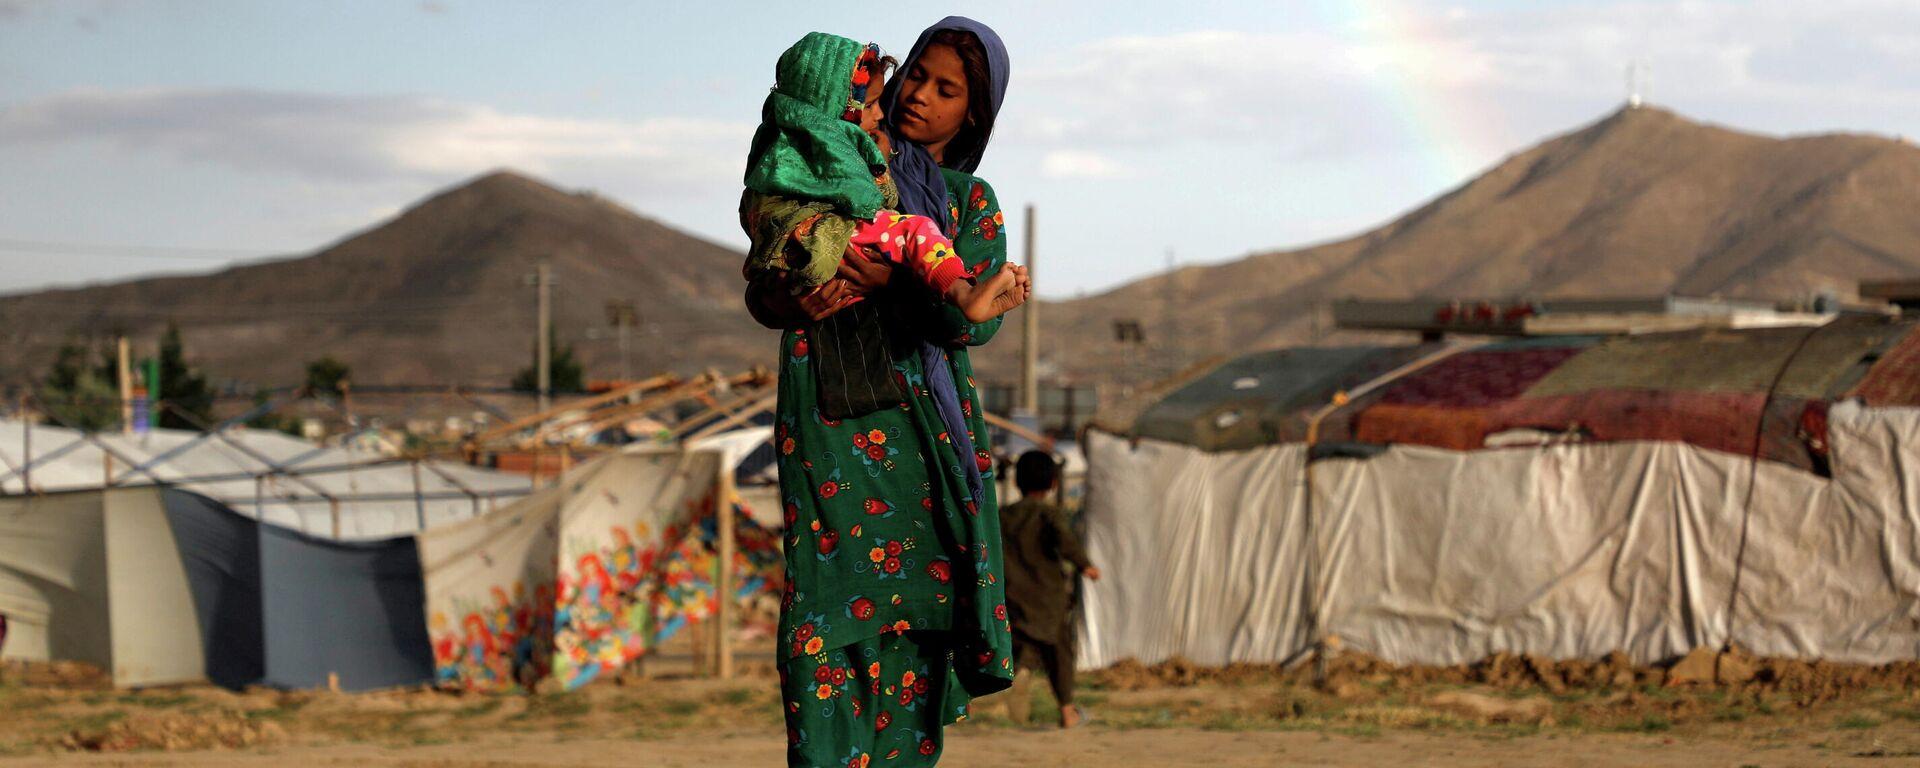 Женщина с ребенком в палаточном городке для беженцев у Кабула, Афганистан - Sputnik Грузия, 1920, 27.08.2021